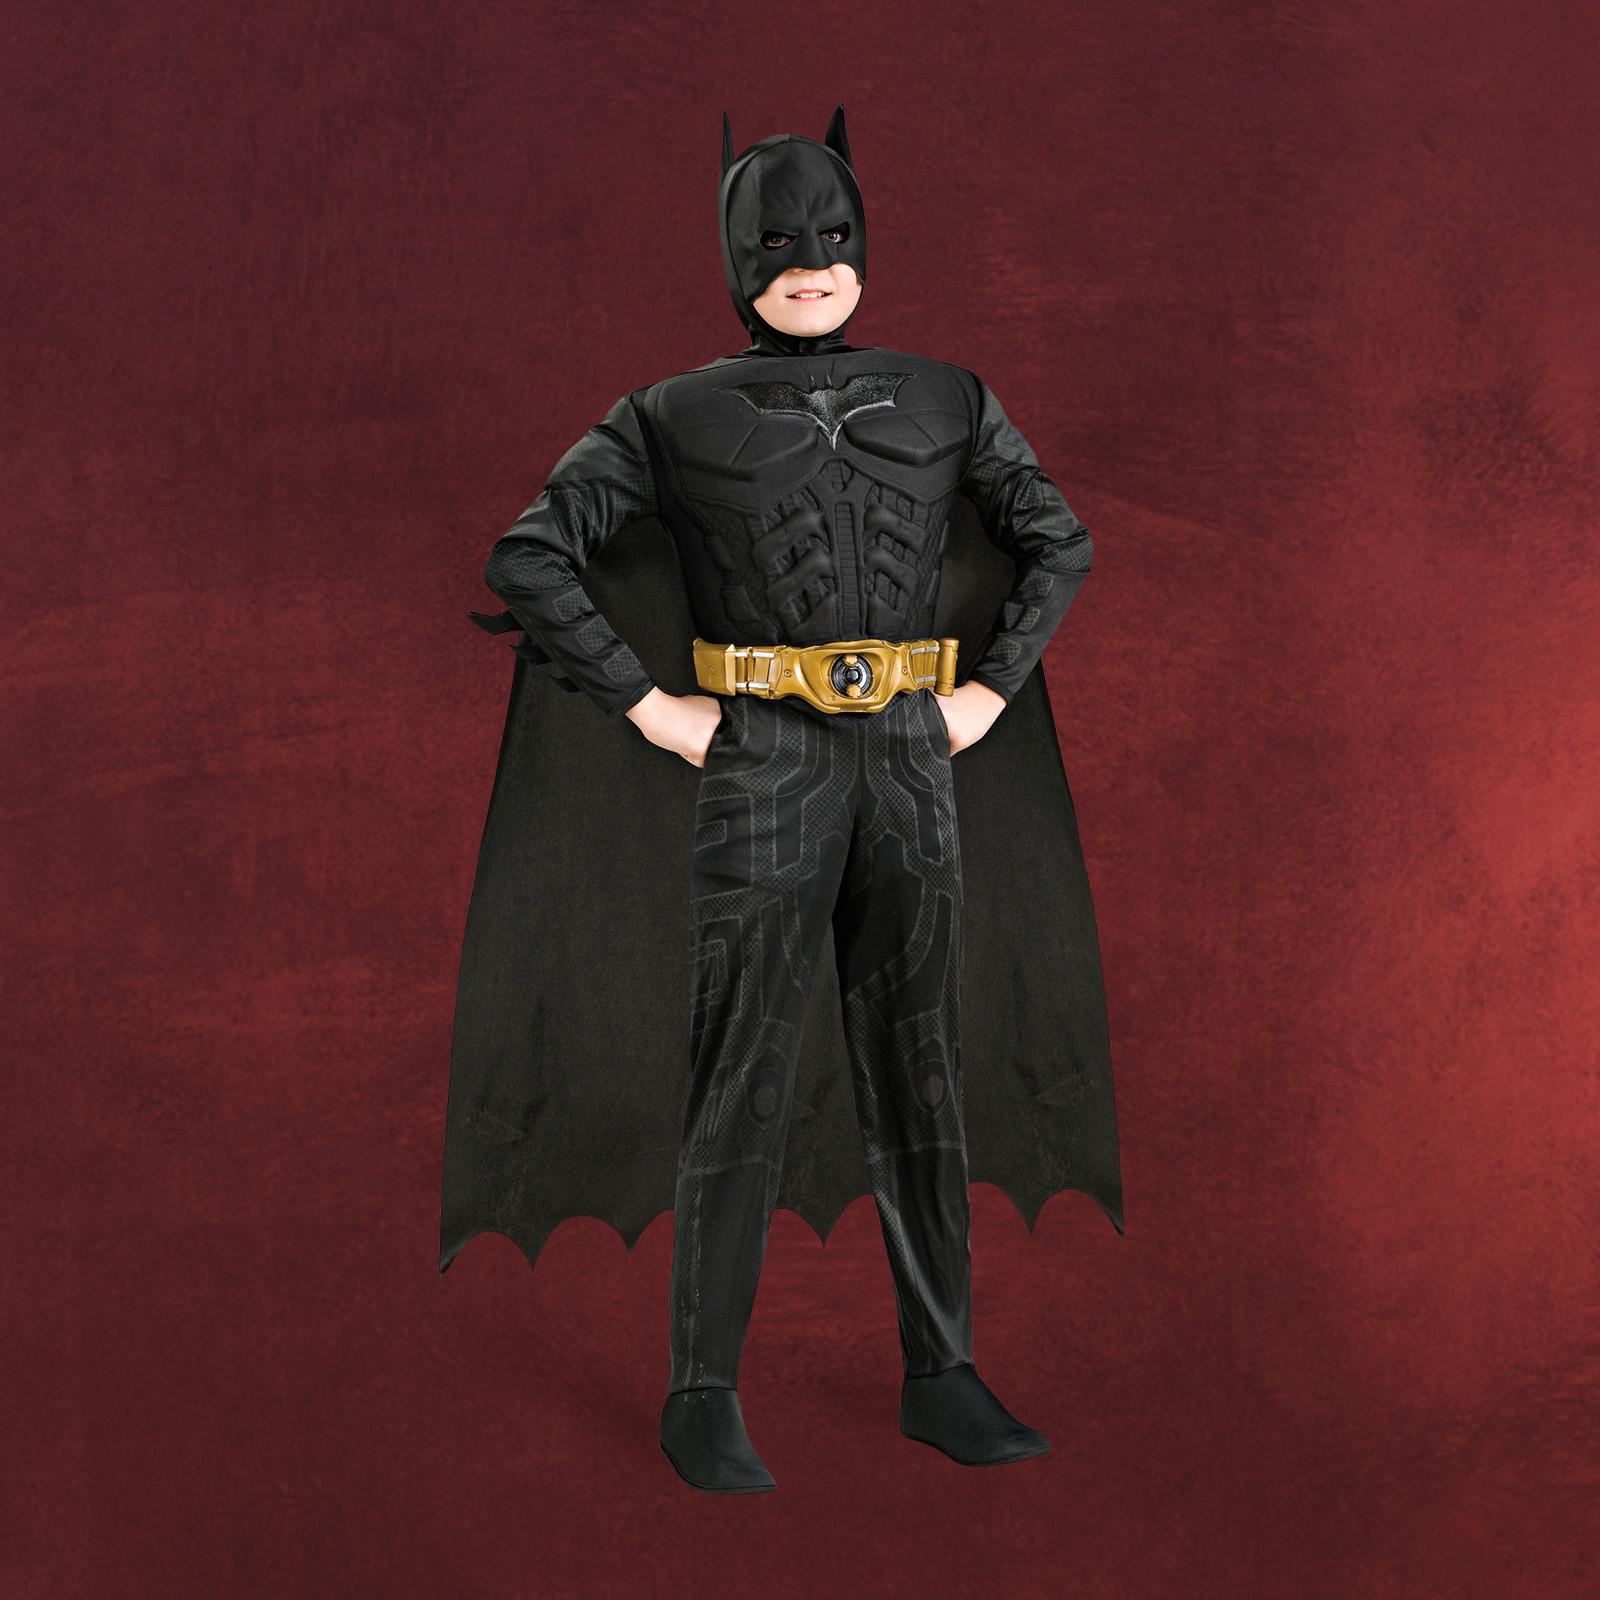 batman set 3 teilig faschings kost m inkl umhang und maske f r kinder ebay. Black Bedroom Furniture Sets. Home Design Ideas